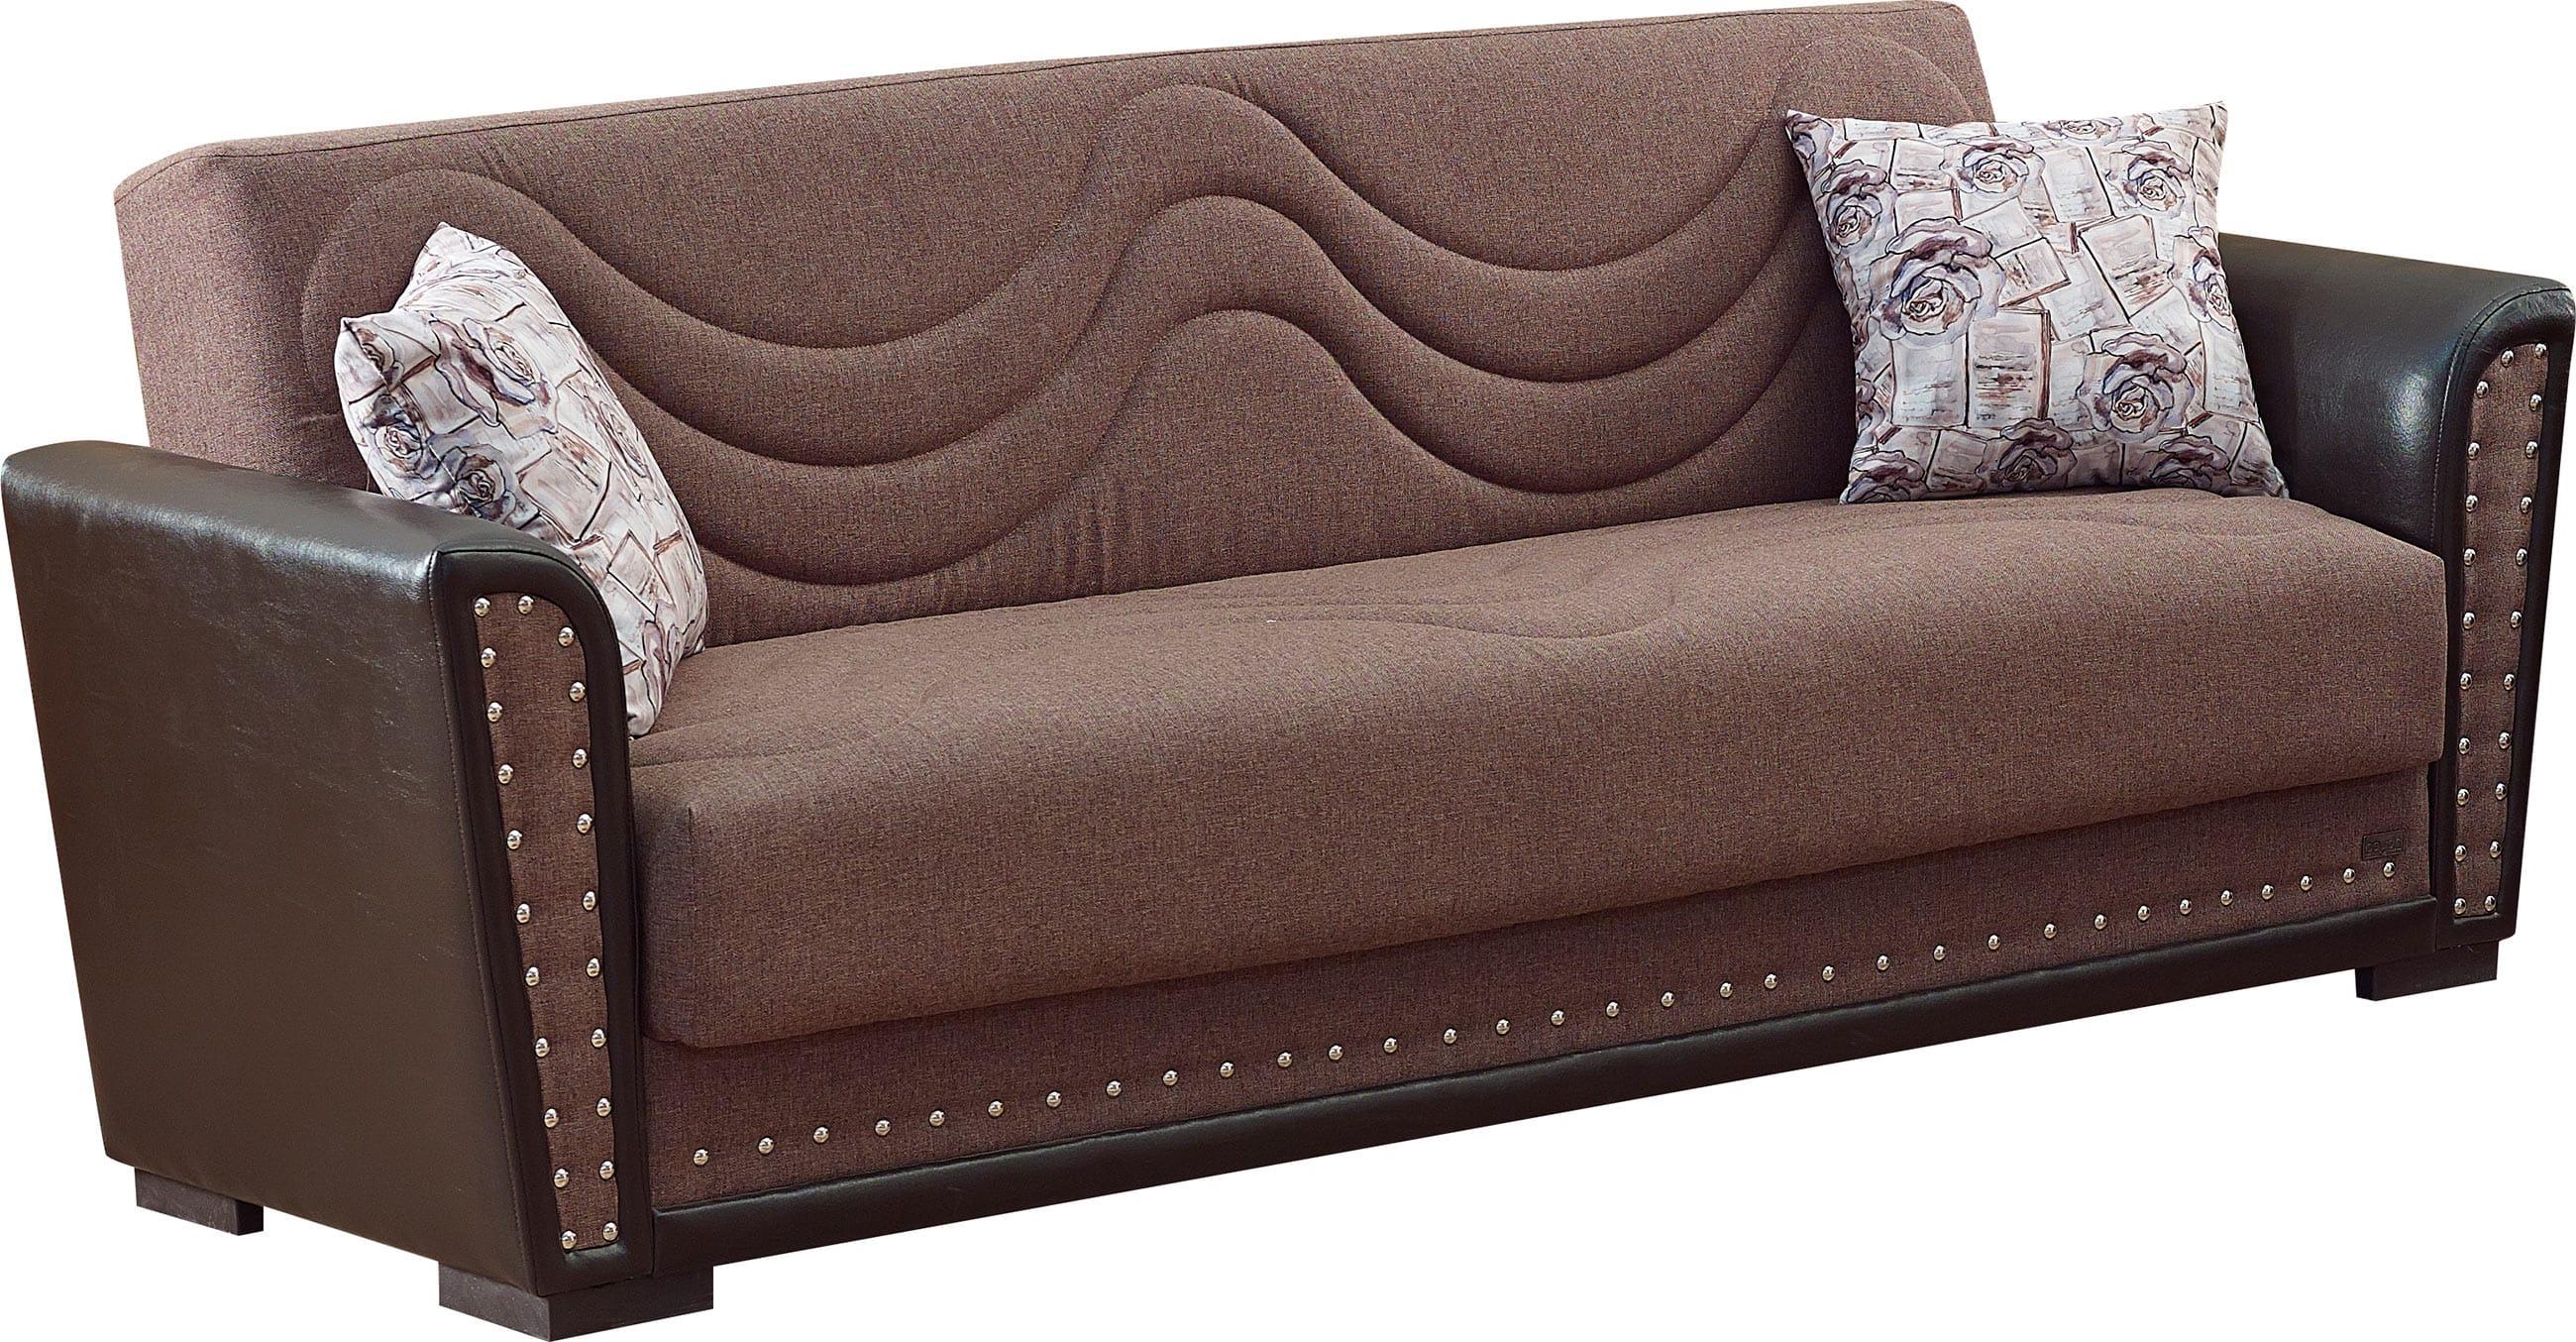 Fabric sofa sets toronto blitz blog for Sofa bed toronto